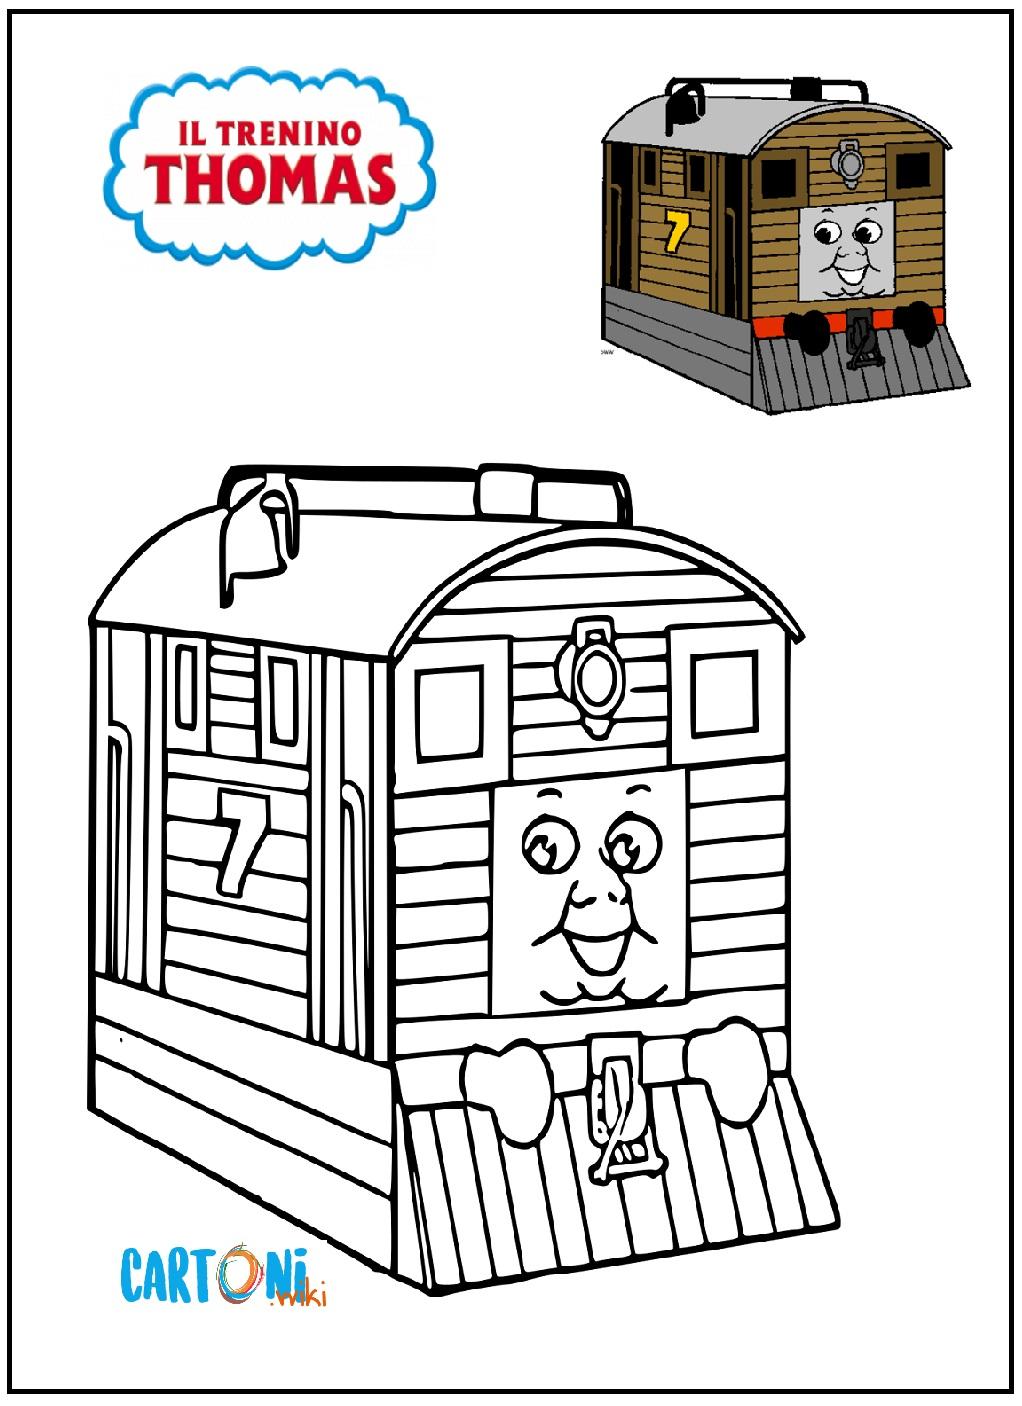 Stampa i disegni del trenino Thomas - Disegni da colorare